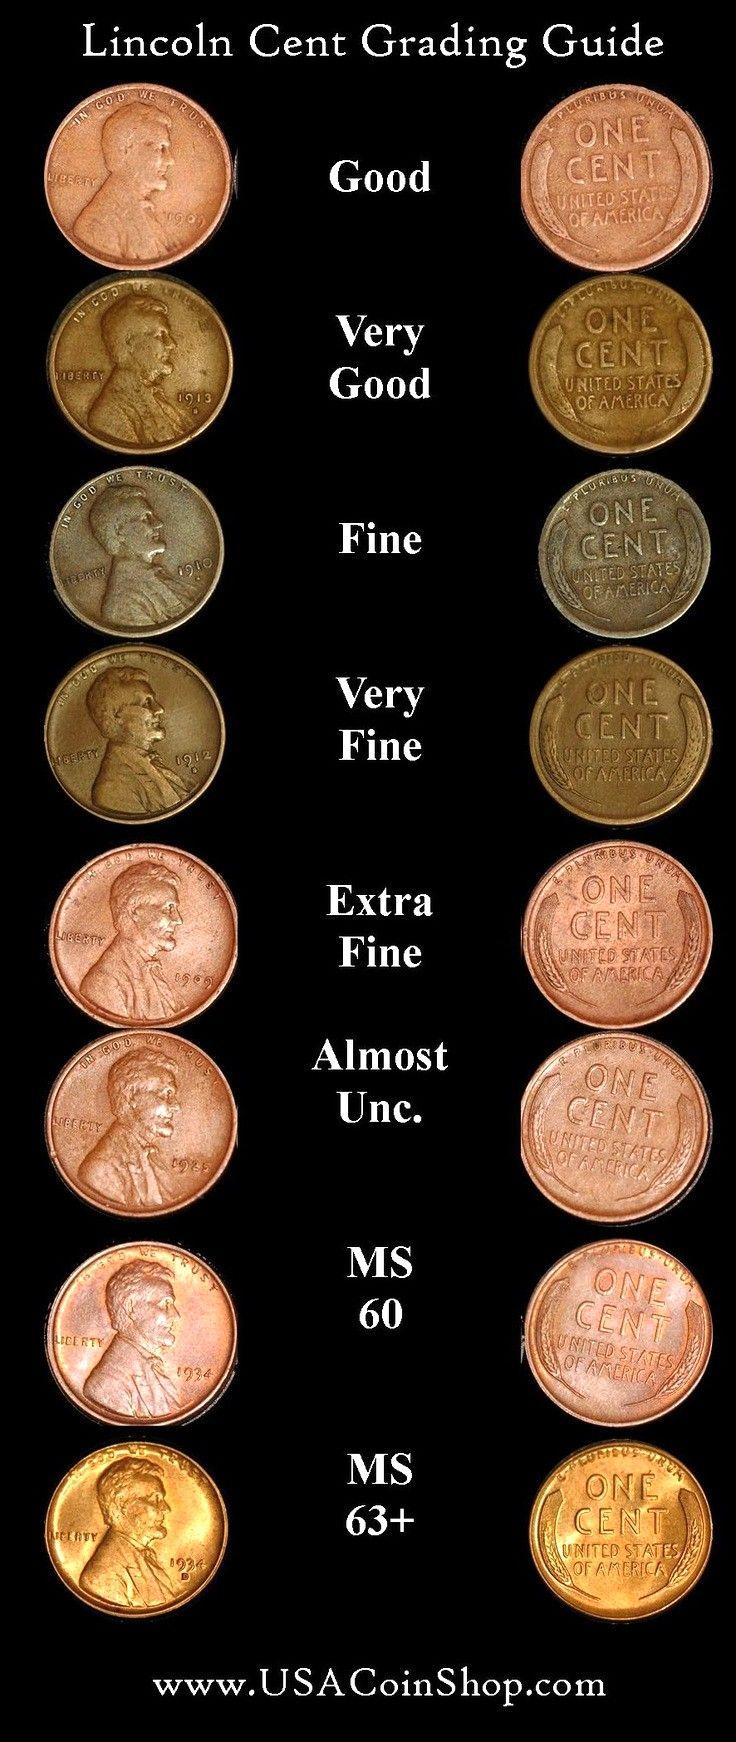 A handy Coin Grading Chart!